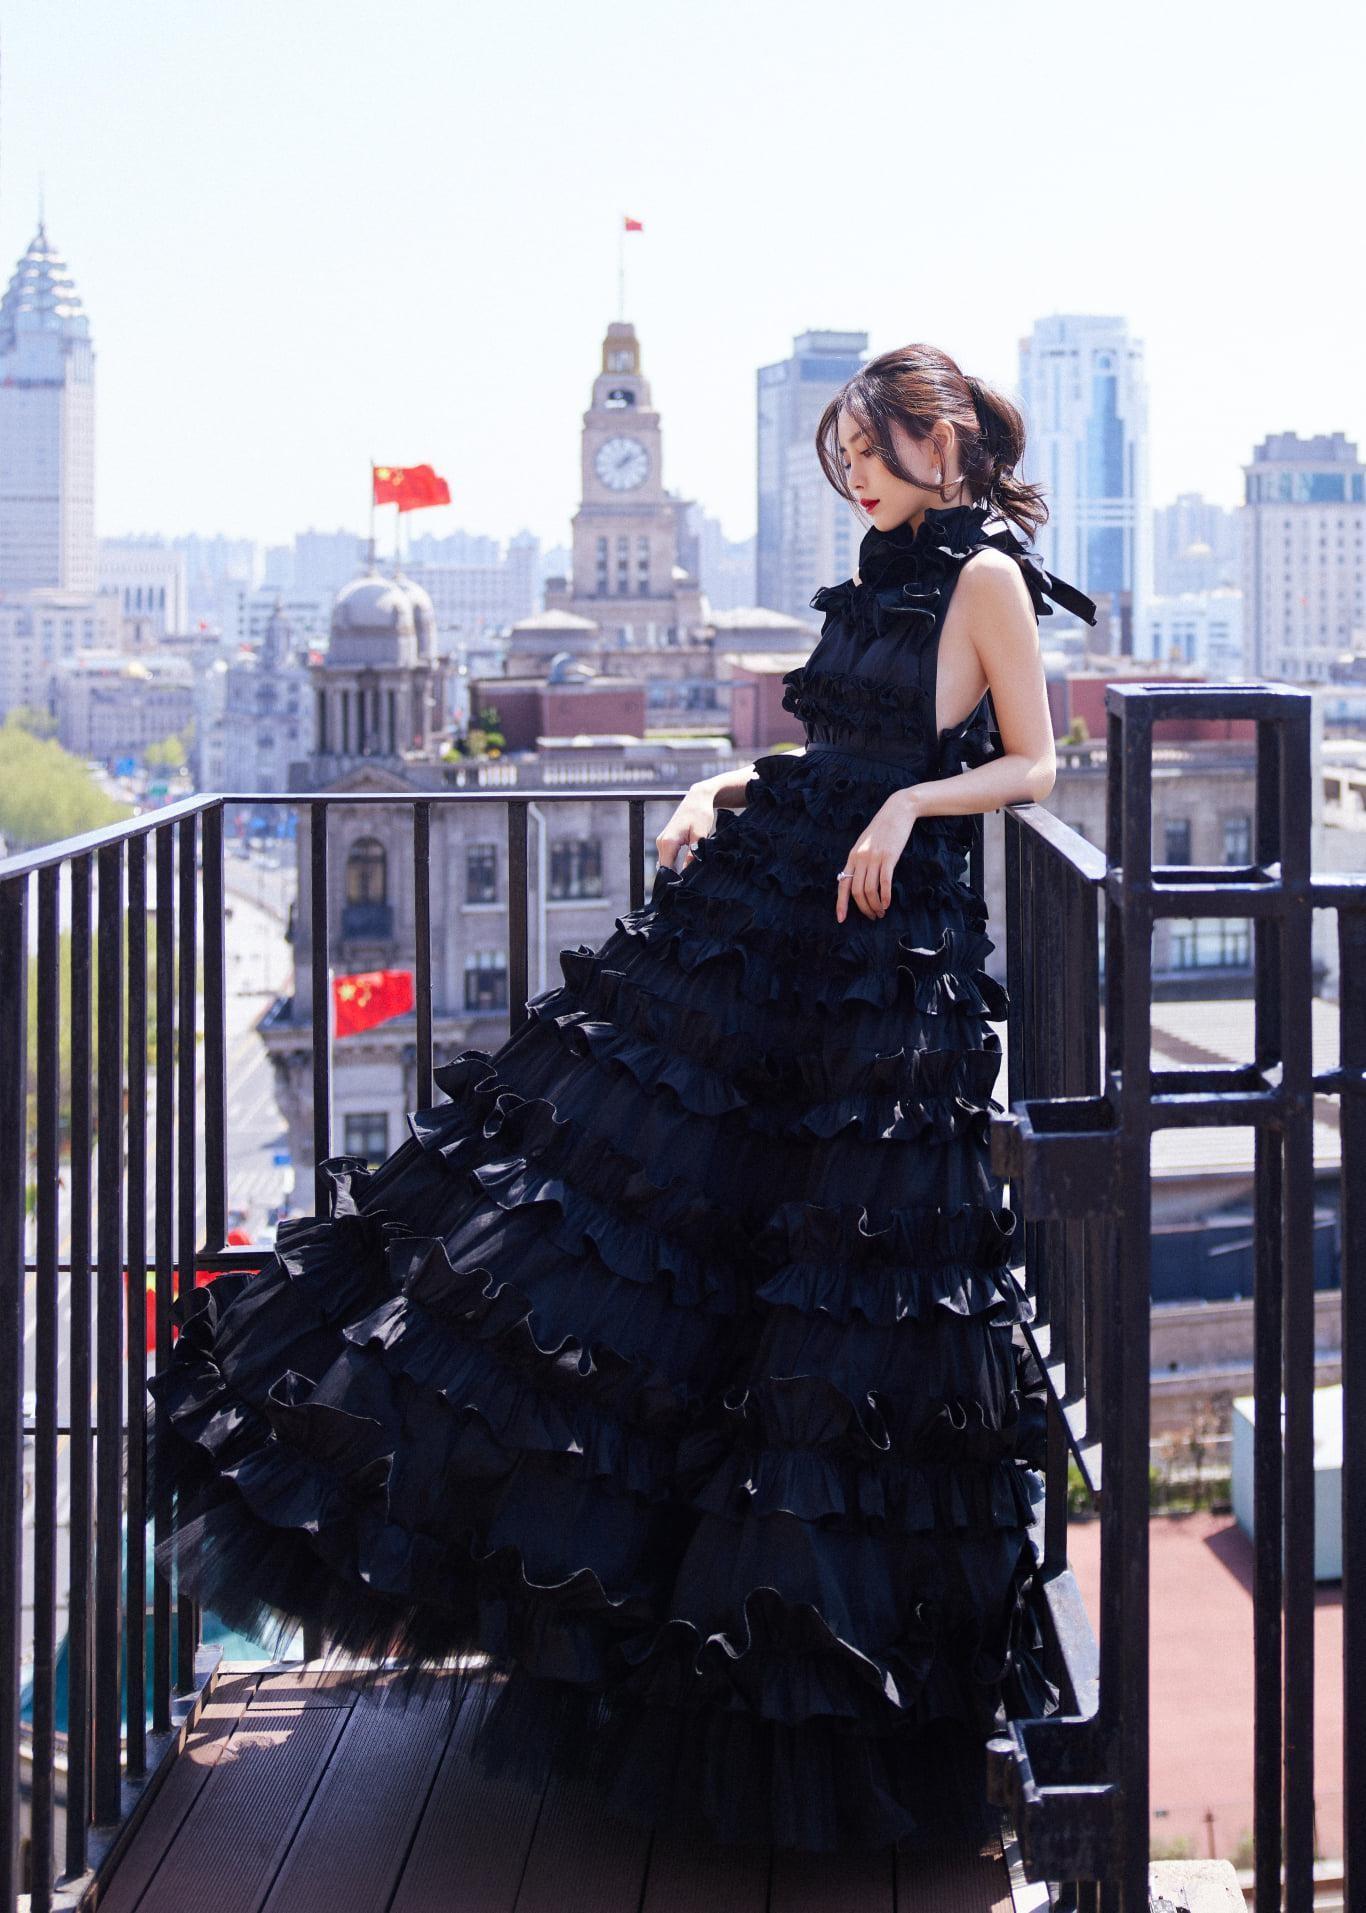 Angela Baby gây thất vọng vì diện đồ Haute Couture trên thảm đỏ khác xa ảnh chụp studio ảnh 5